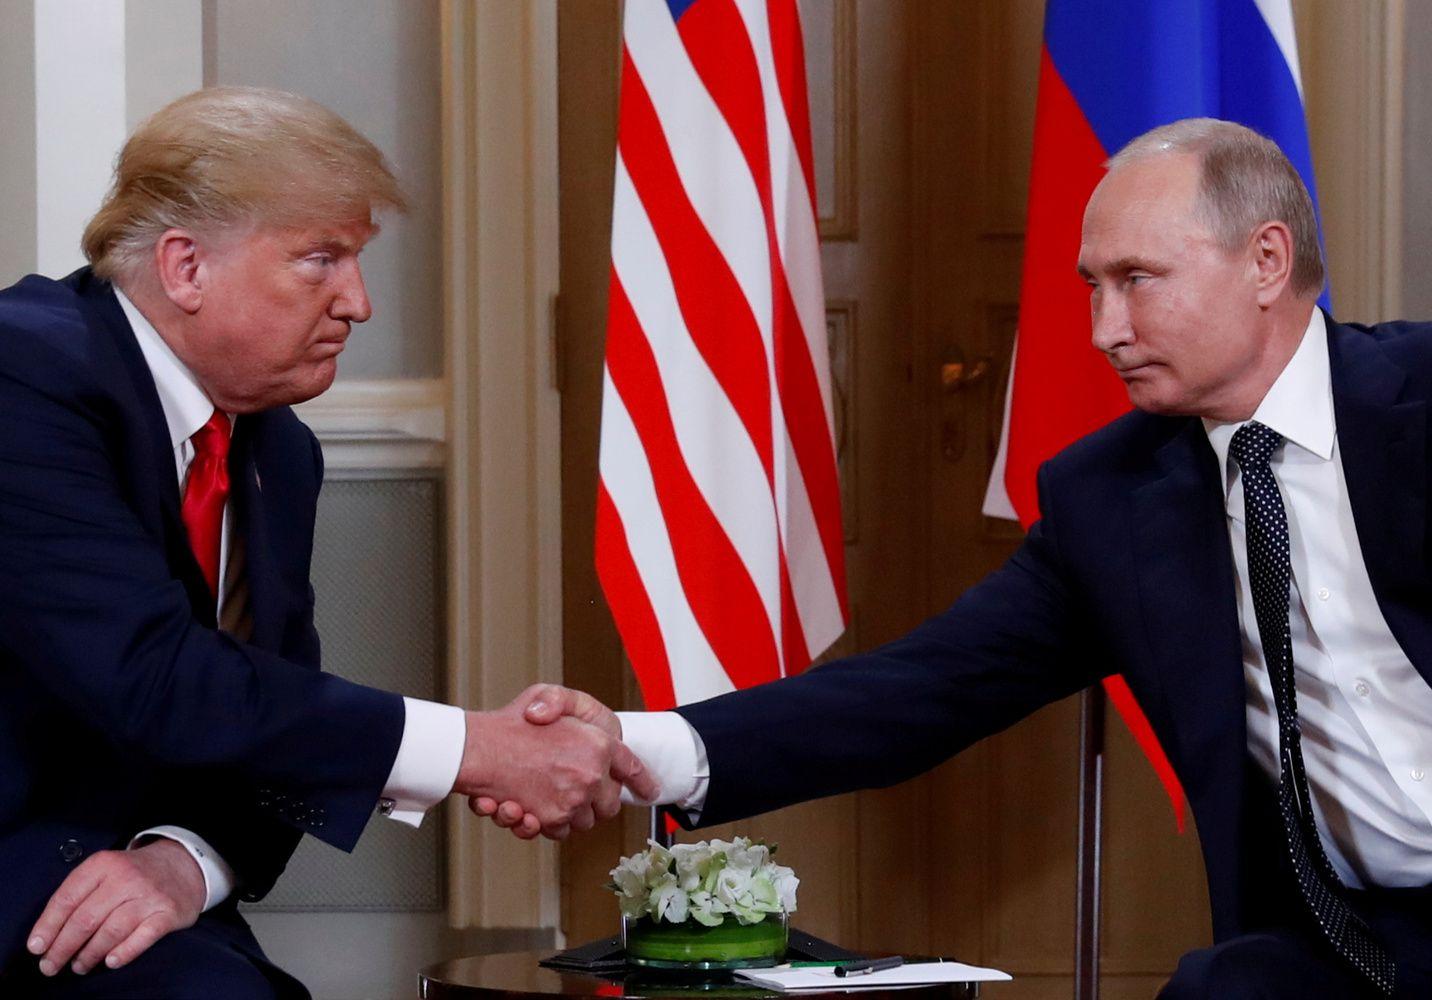 D. Trumpas dėl Rusijos agresijos Ukrainoje svarsto atšaukti susitikimą su V. Putinu